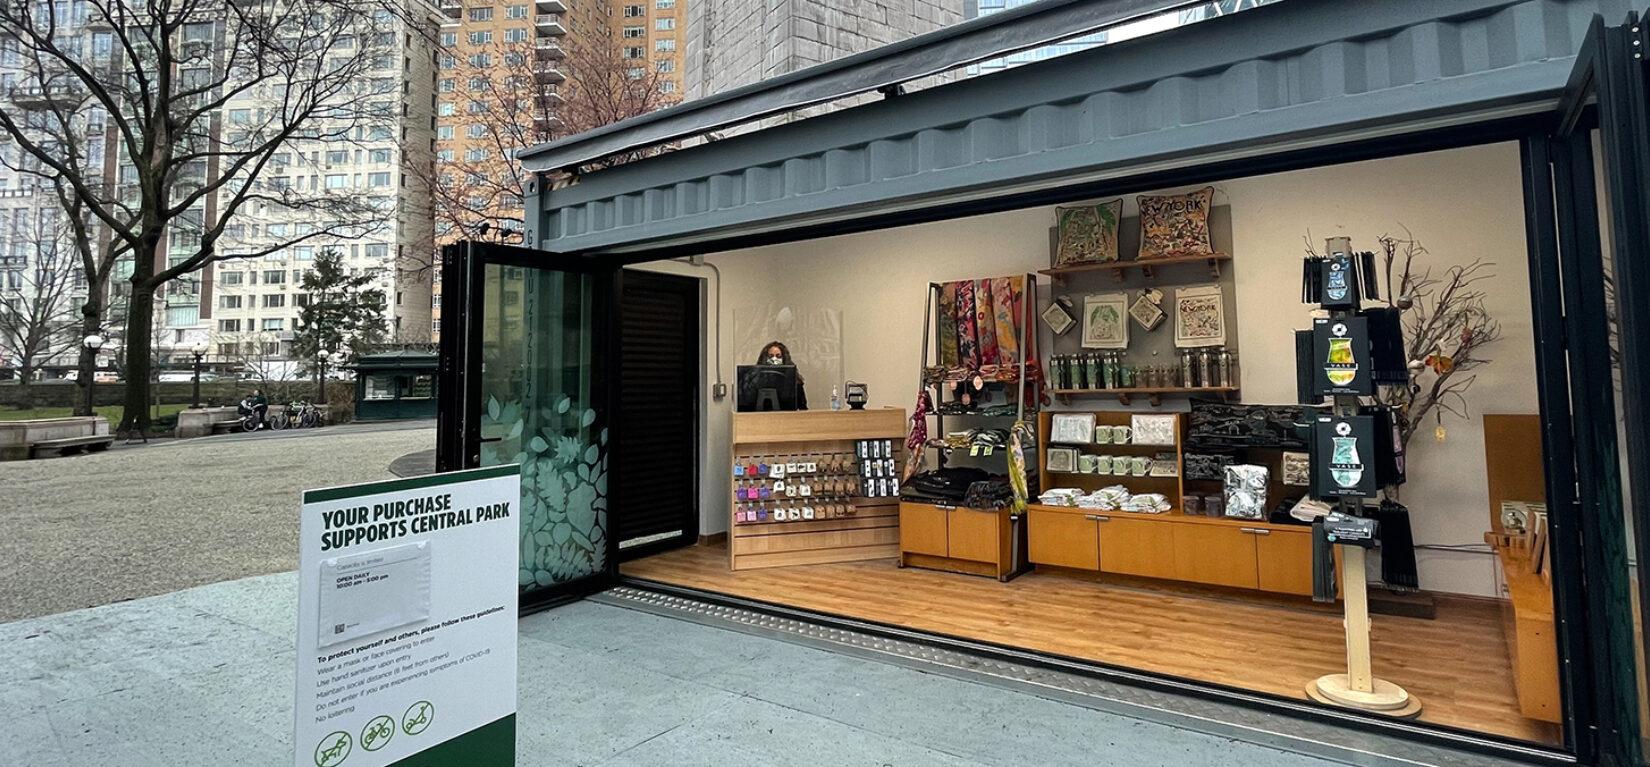 Central Park Conservancy Pop Up Shop